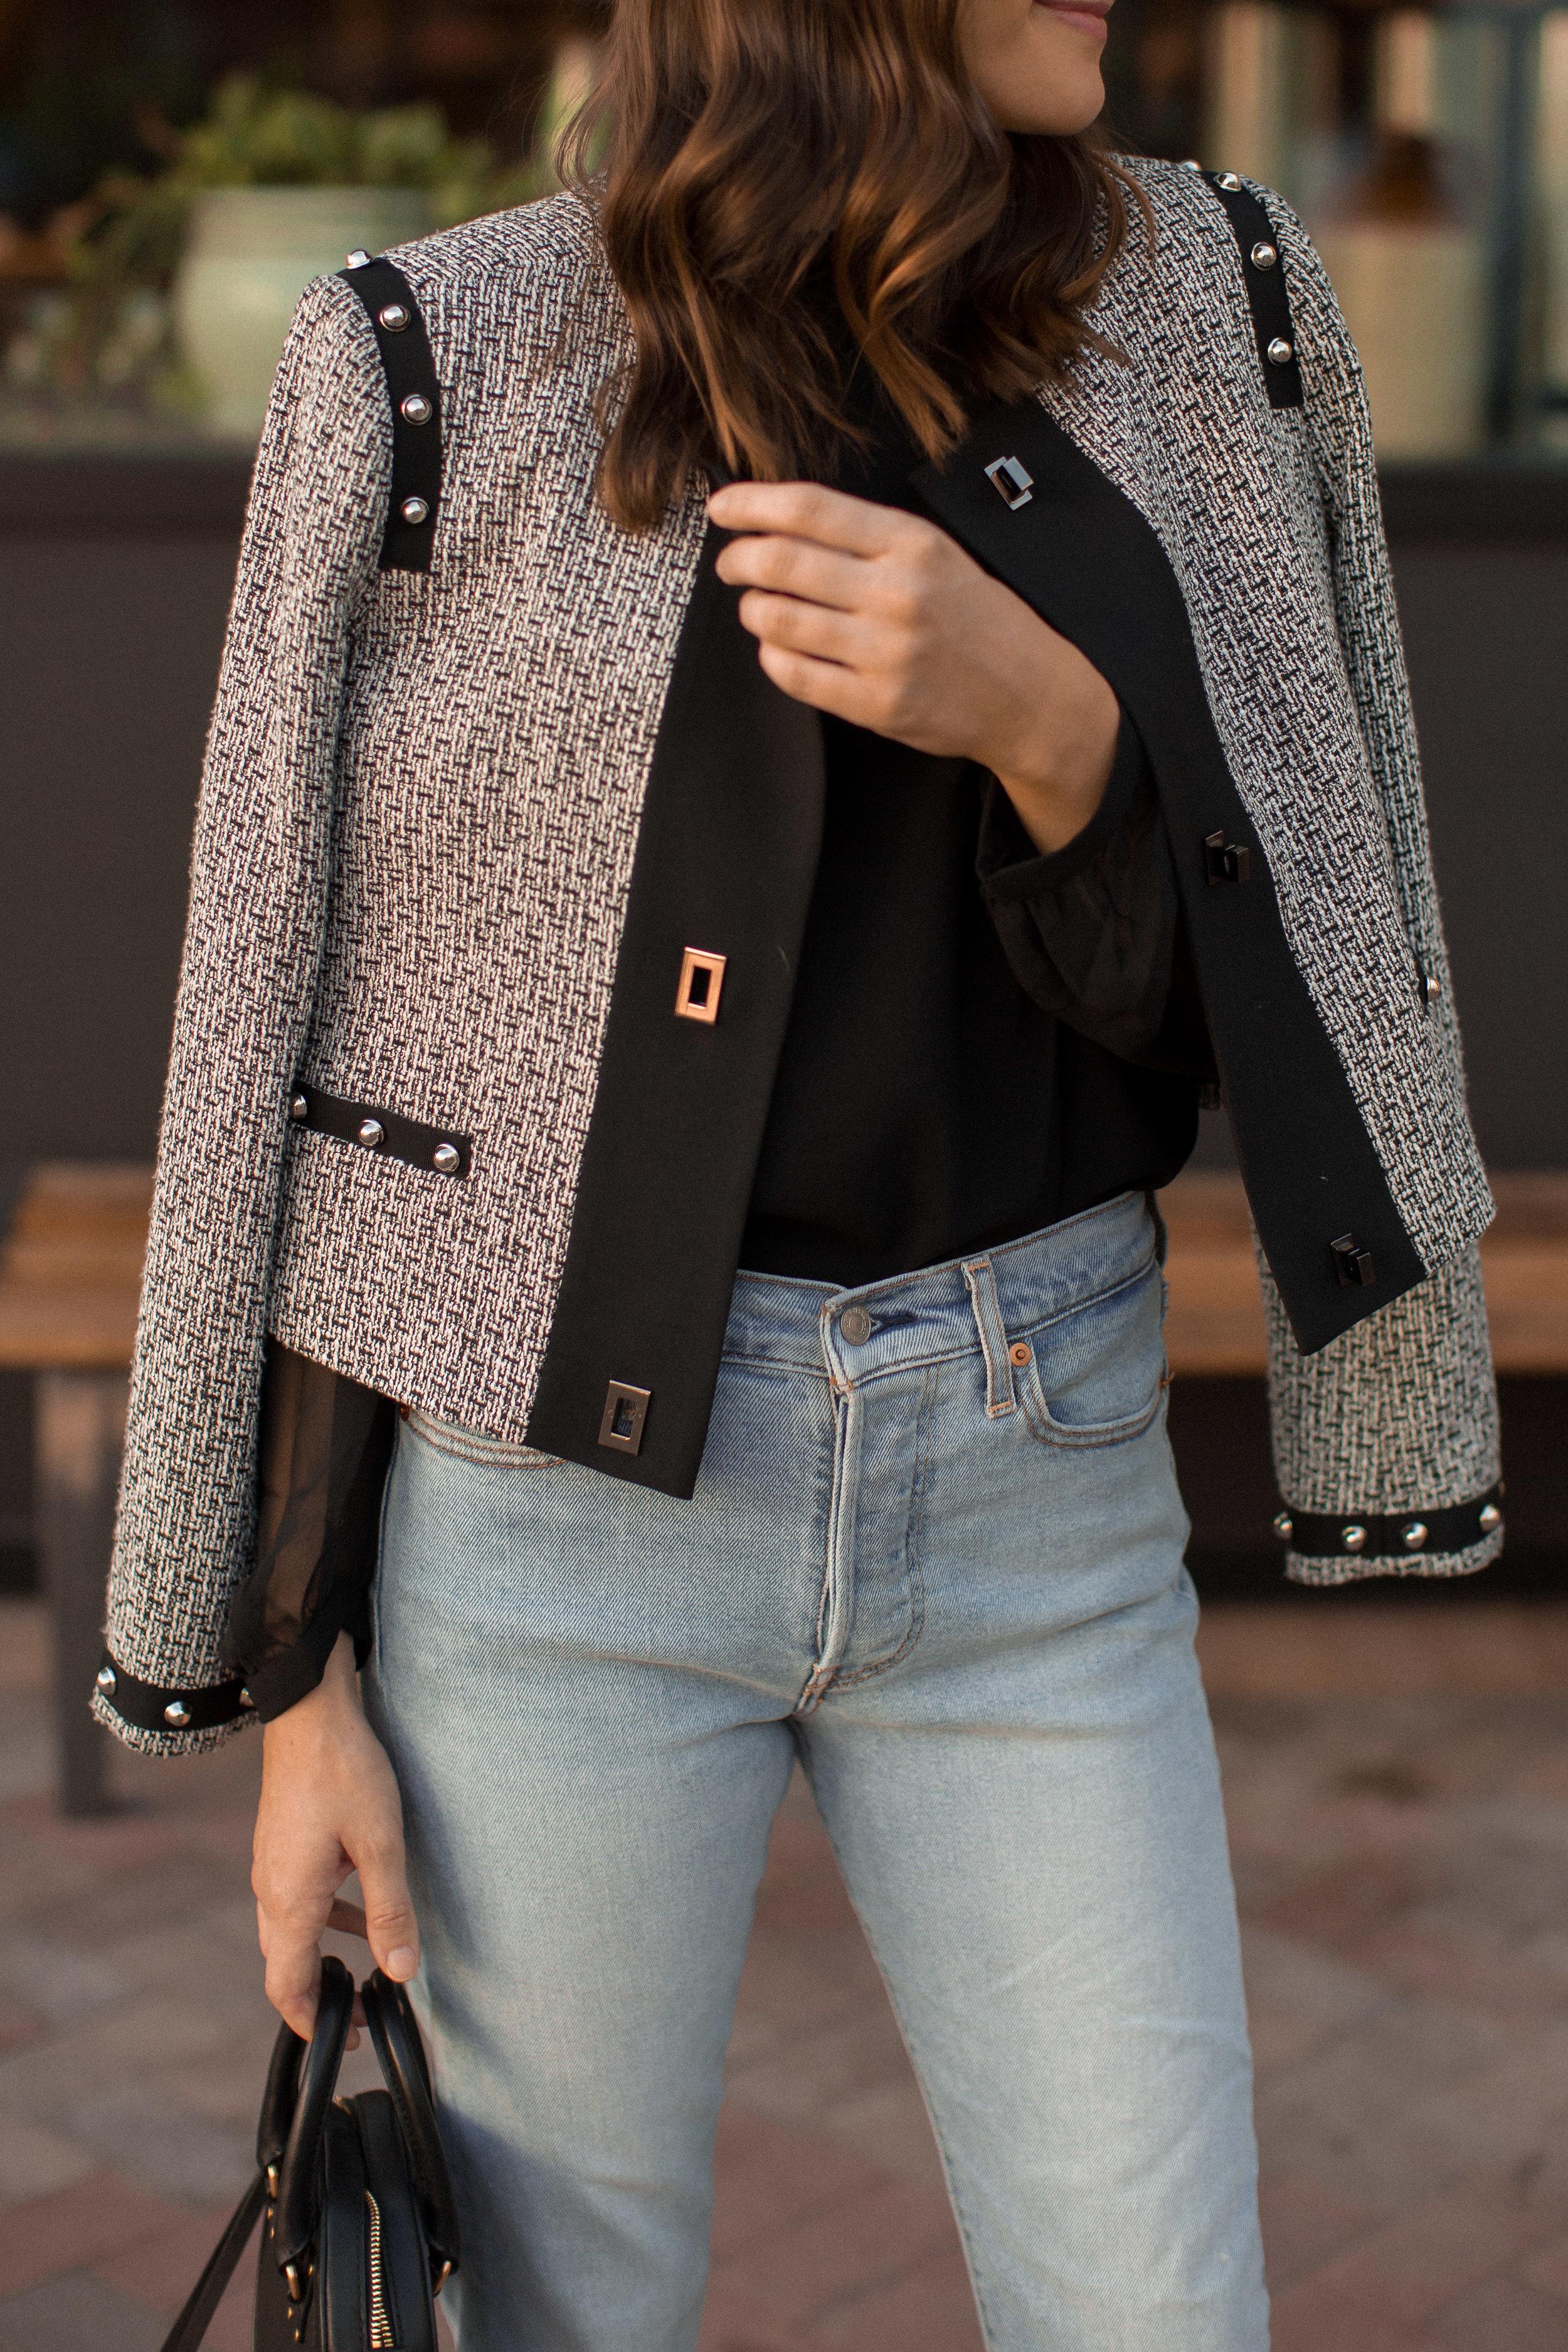 tweed jacket outfit